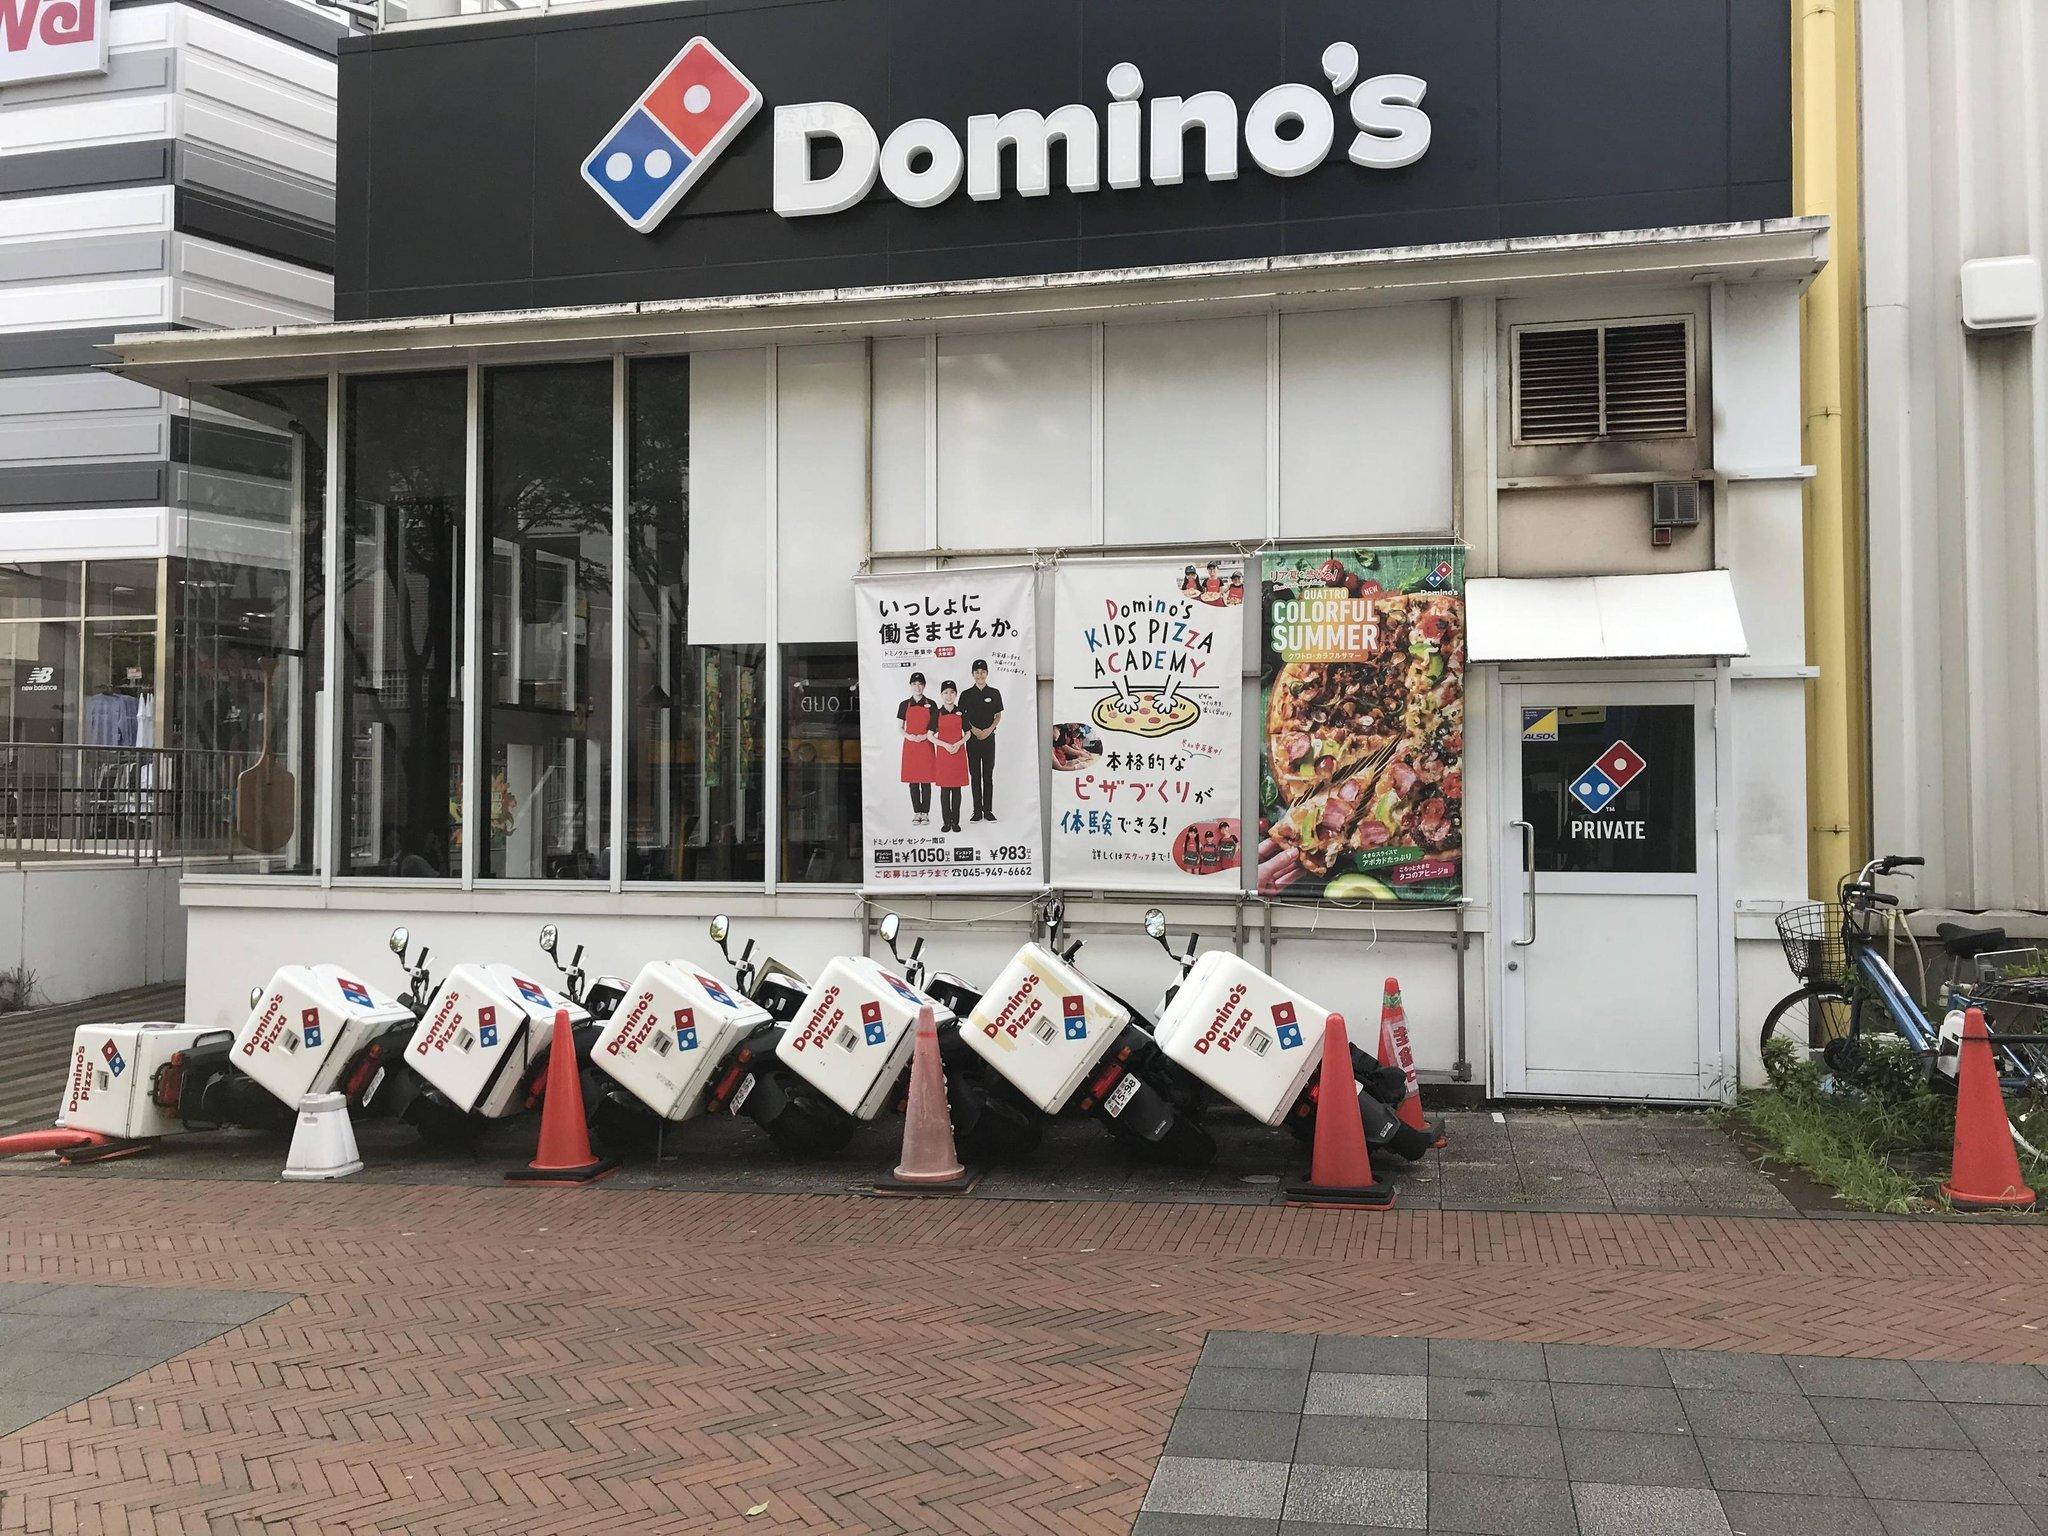 画像,ドミノ・ピザだけにドミノ倒し#ドミノ・ピザ#ドミノ#台風 https://t.co/D3rEF8d7yY。